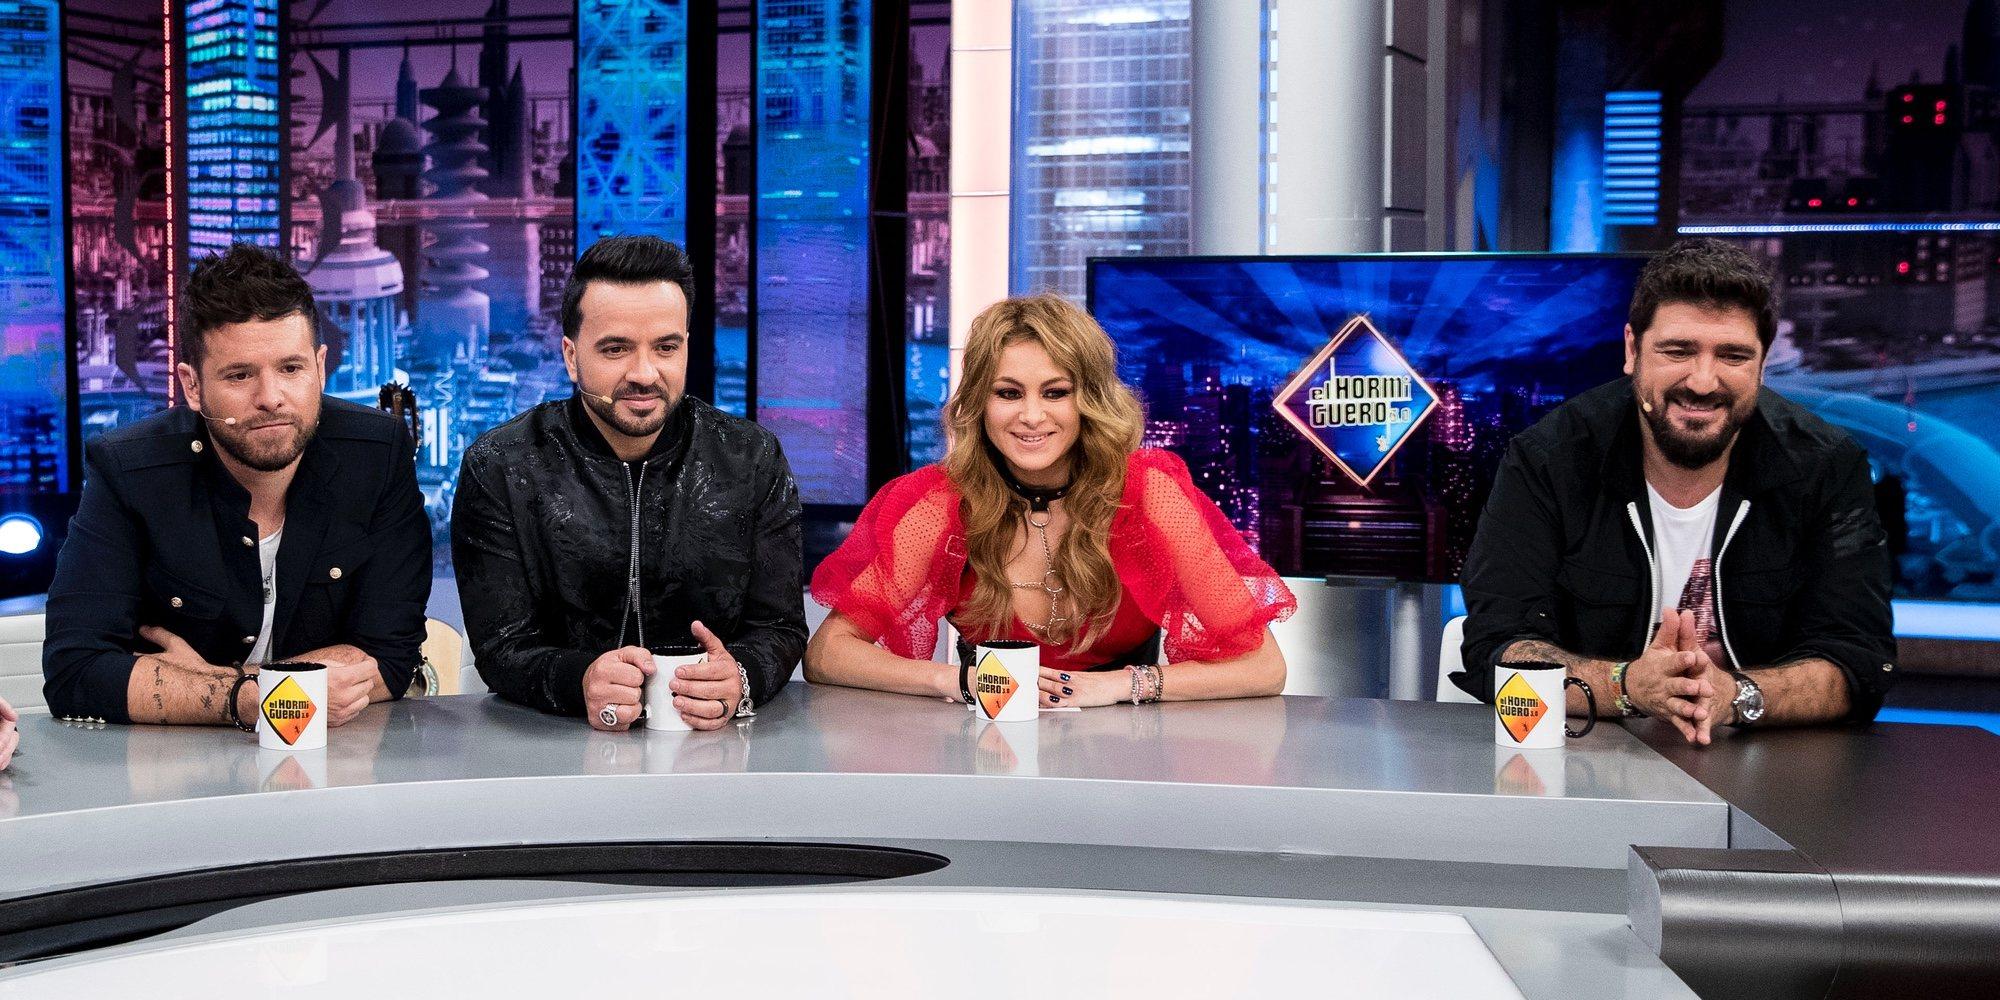 El derroche de la primera fiesta de Paulina Rubio, Pablo López, Antonio Orozco y Luis Fonsi tras 'La Voz'